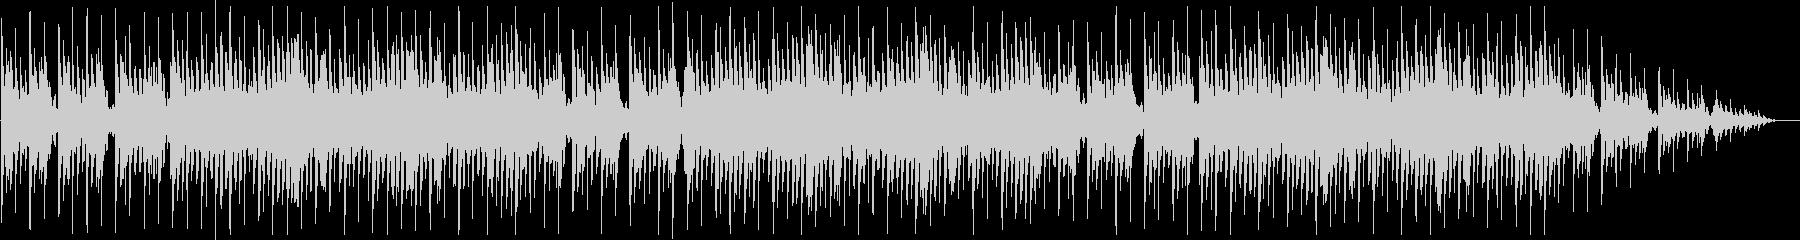 琴を使った和風ゲームのタイトル画面曲の未再生の波形